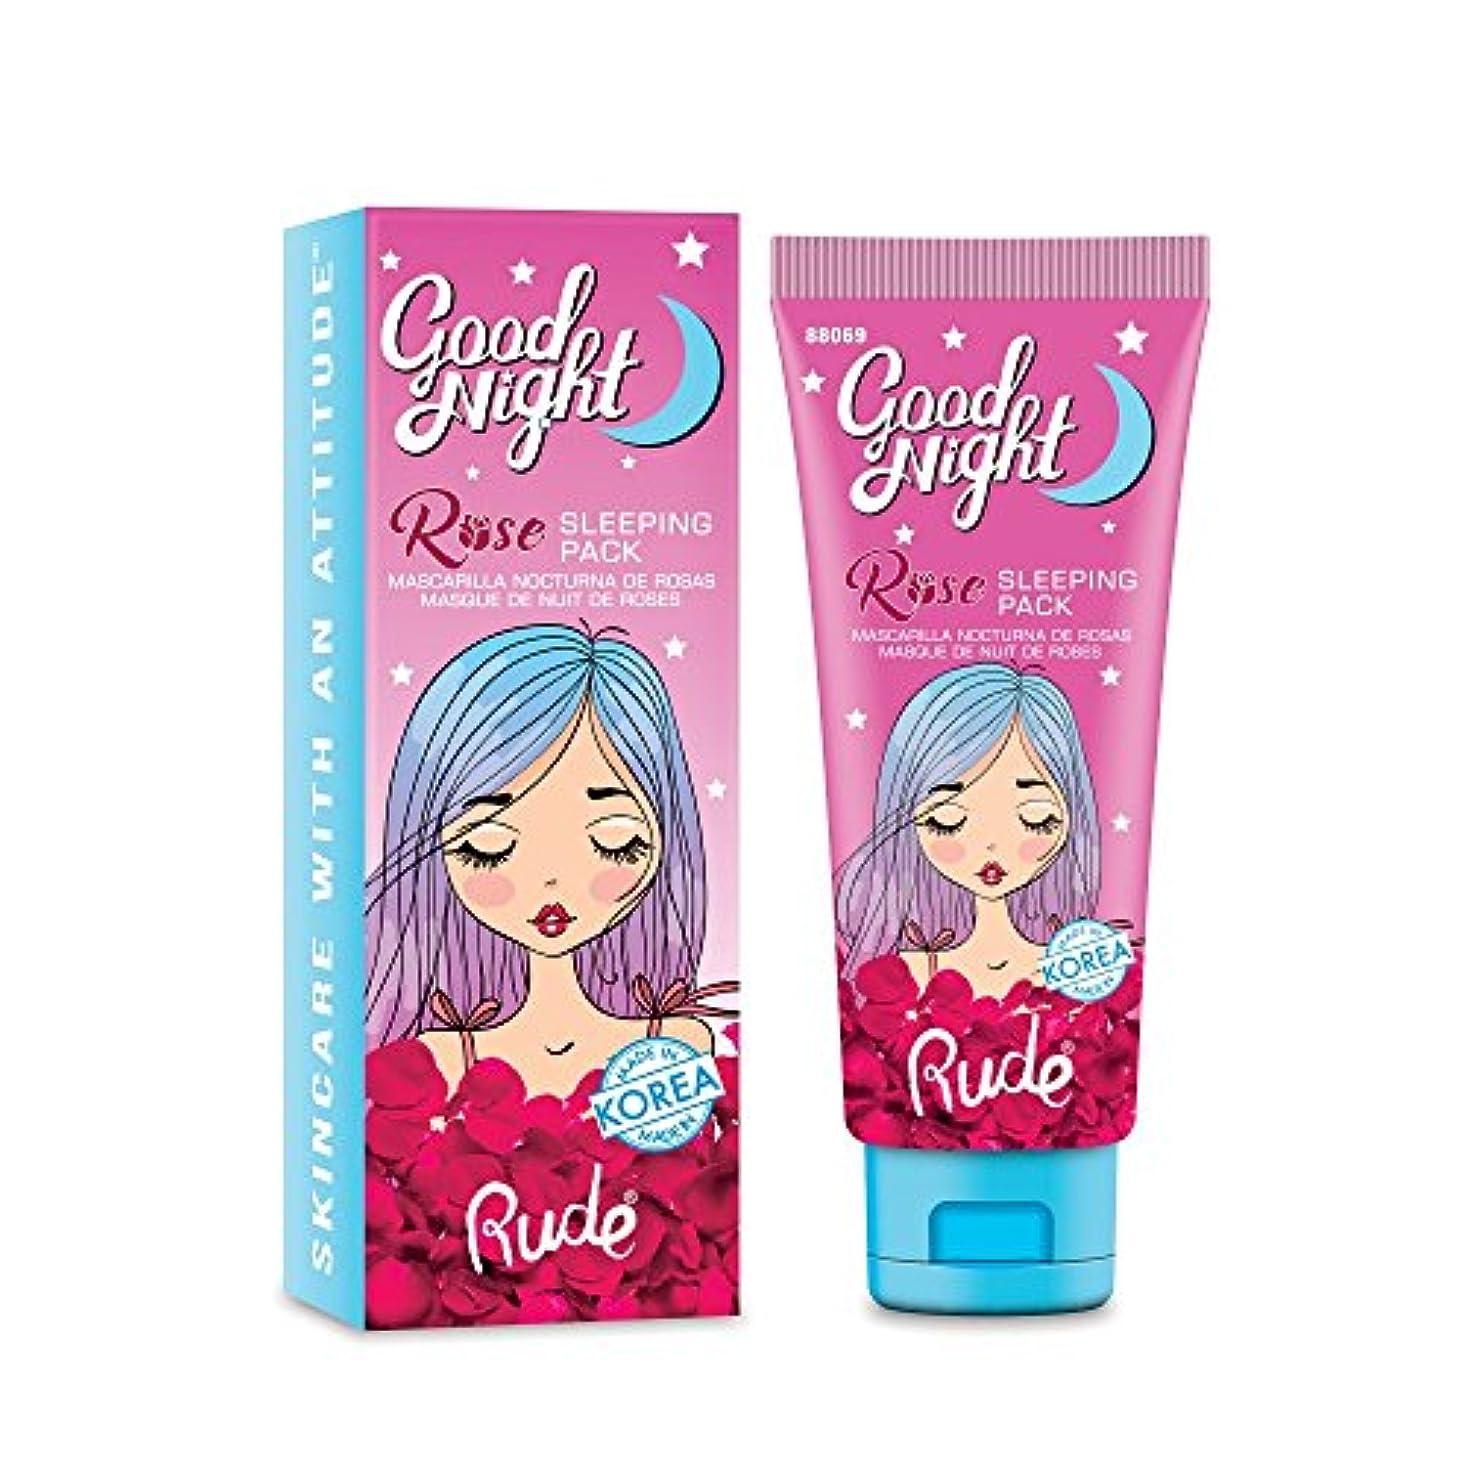 配管工スポーツマン保守可能(6 Pack) RUDE Good Night Rose Sleeping Pack (並行輸入品)